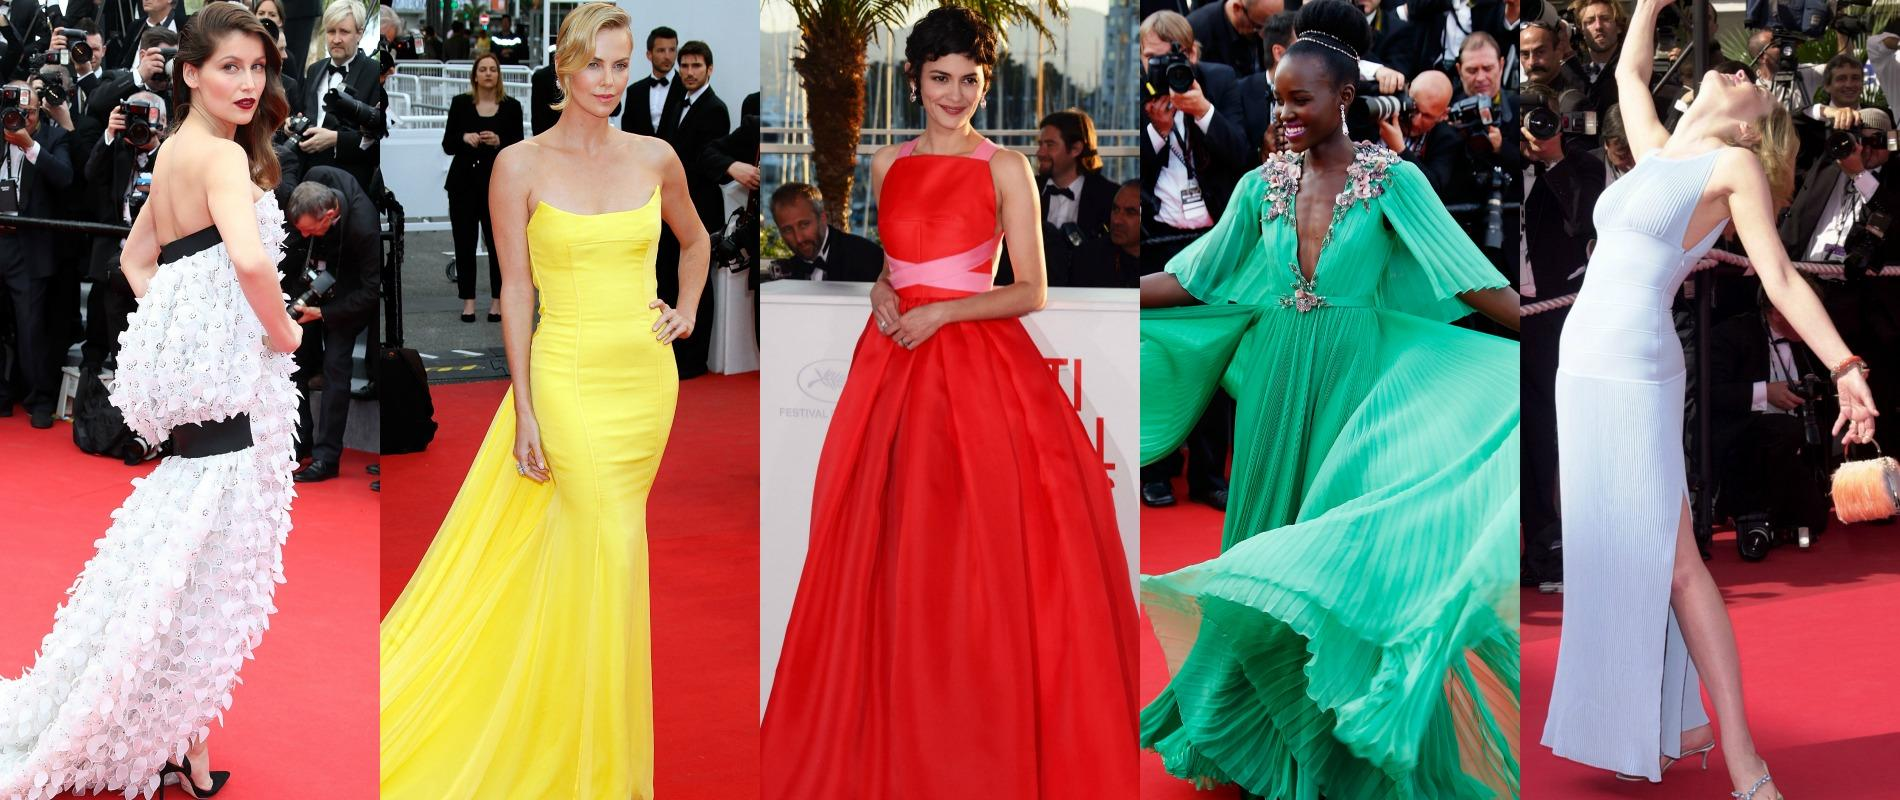 Les Plus Belles Apparitions Mode Sur Le Tapis Rouge Du